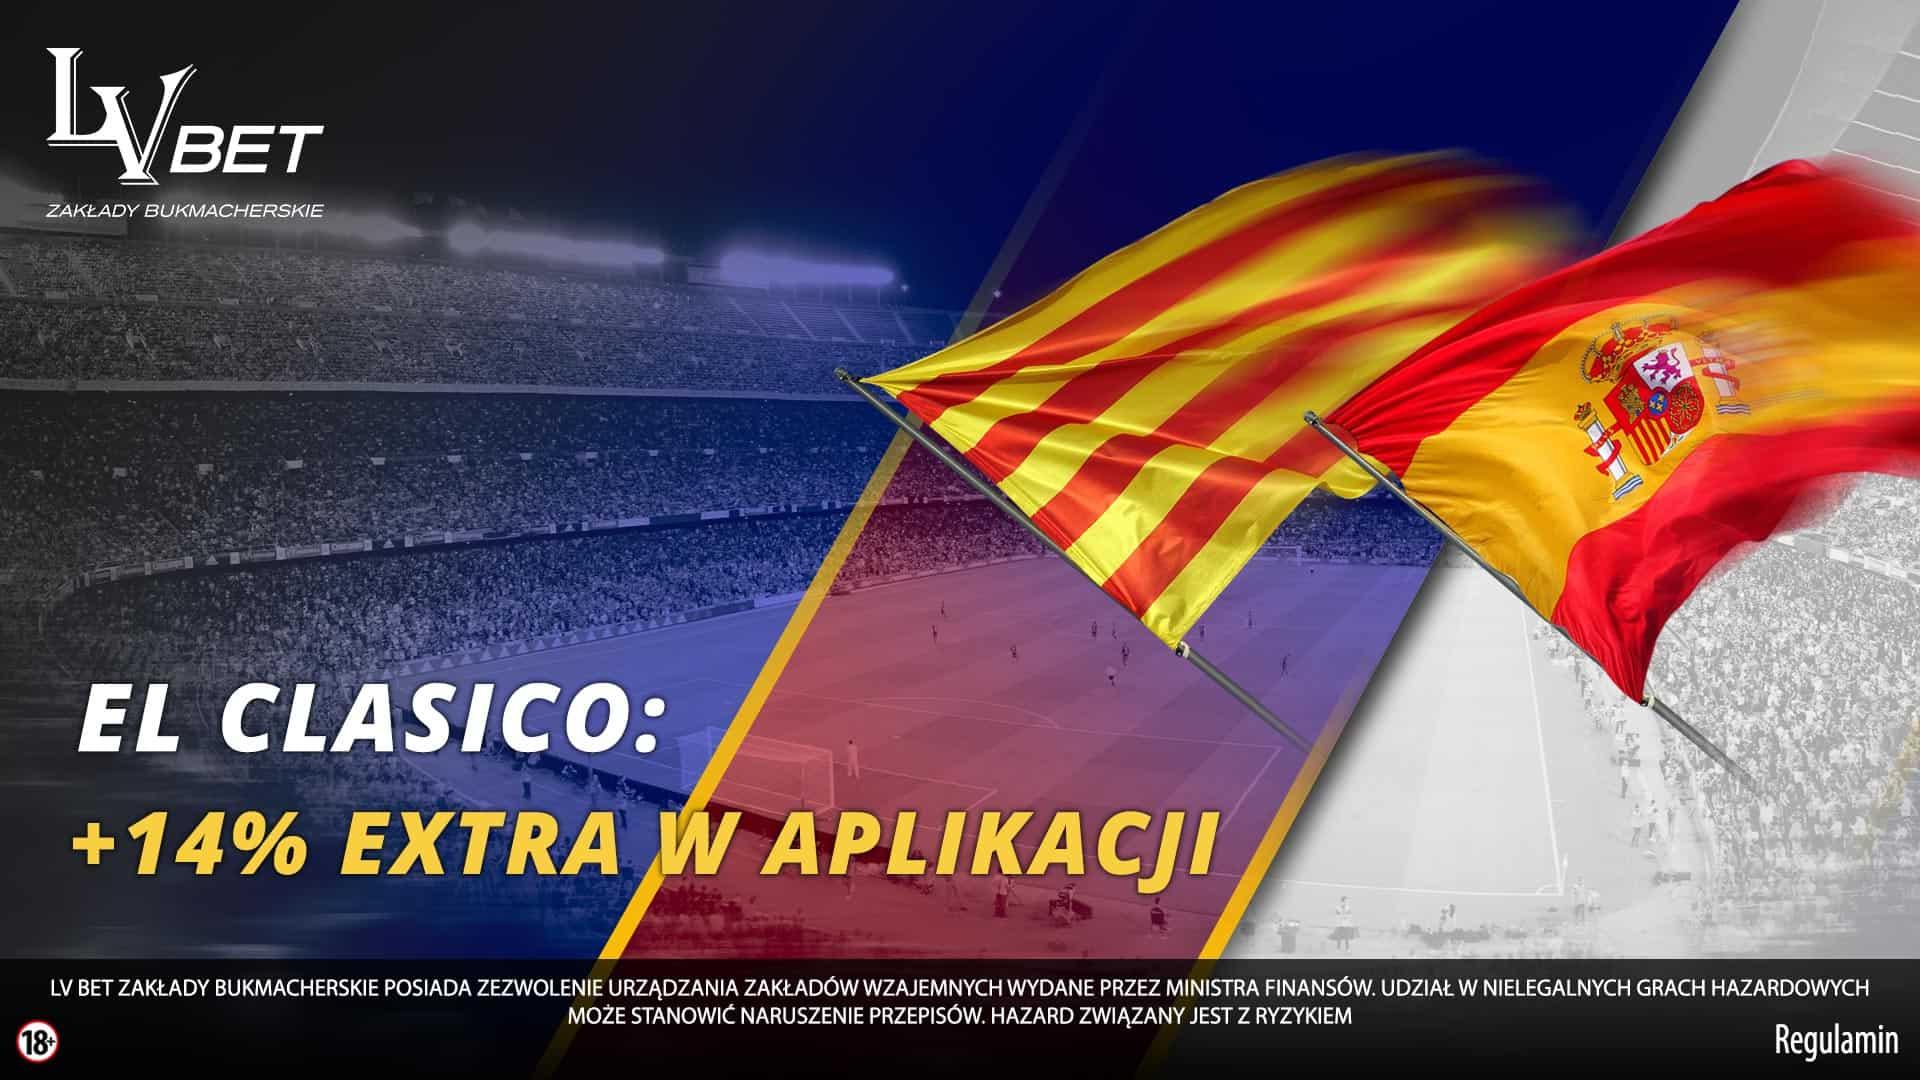 LvBET powiększa wygrane na Barcelona - Real!